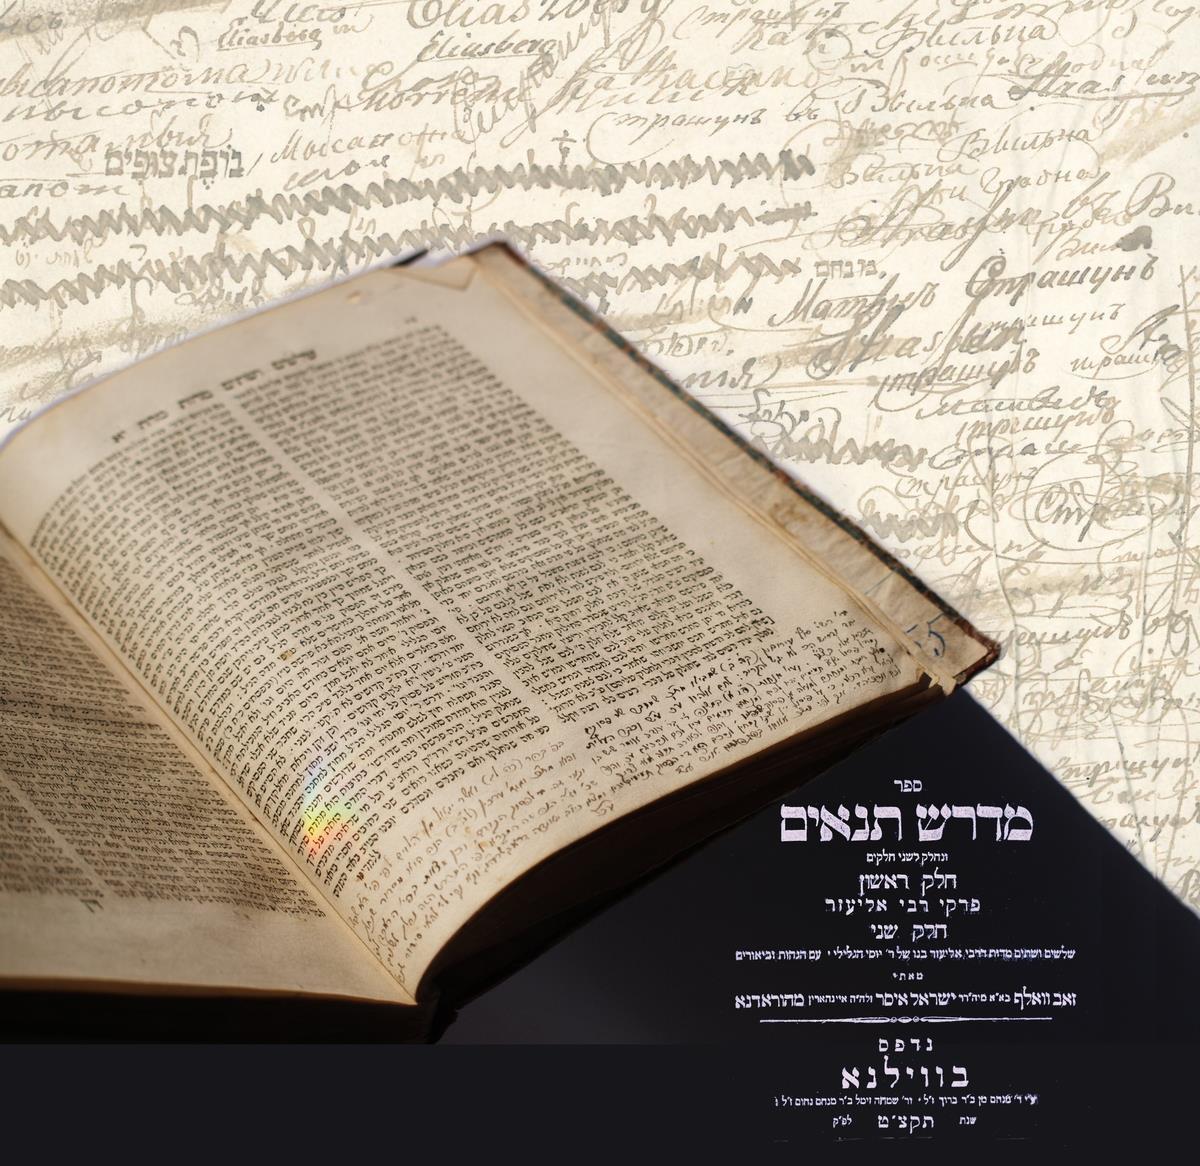 """Knyga """"Midrash tanaim"""" (hebr. """"Ankstyvųjų išminčių Biblijos komentarai"""", Vilnius, M. Romo ir Z. Nachimovičiaus spaustuvė, 1839), Mato Strašuno paveldėta iš tėvo, su Samuelio ir Mato Strašunų autografais."""